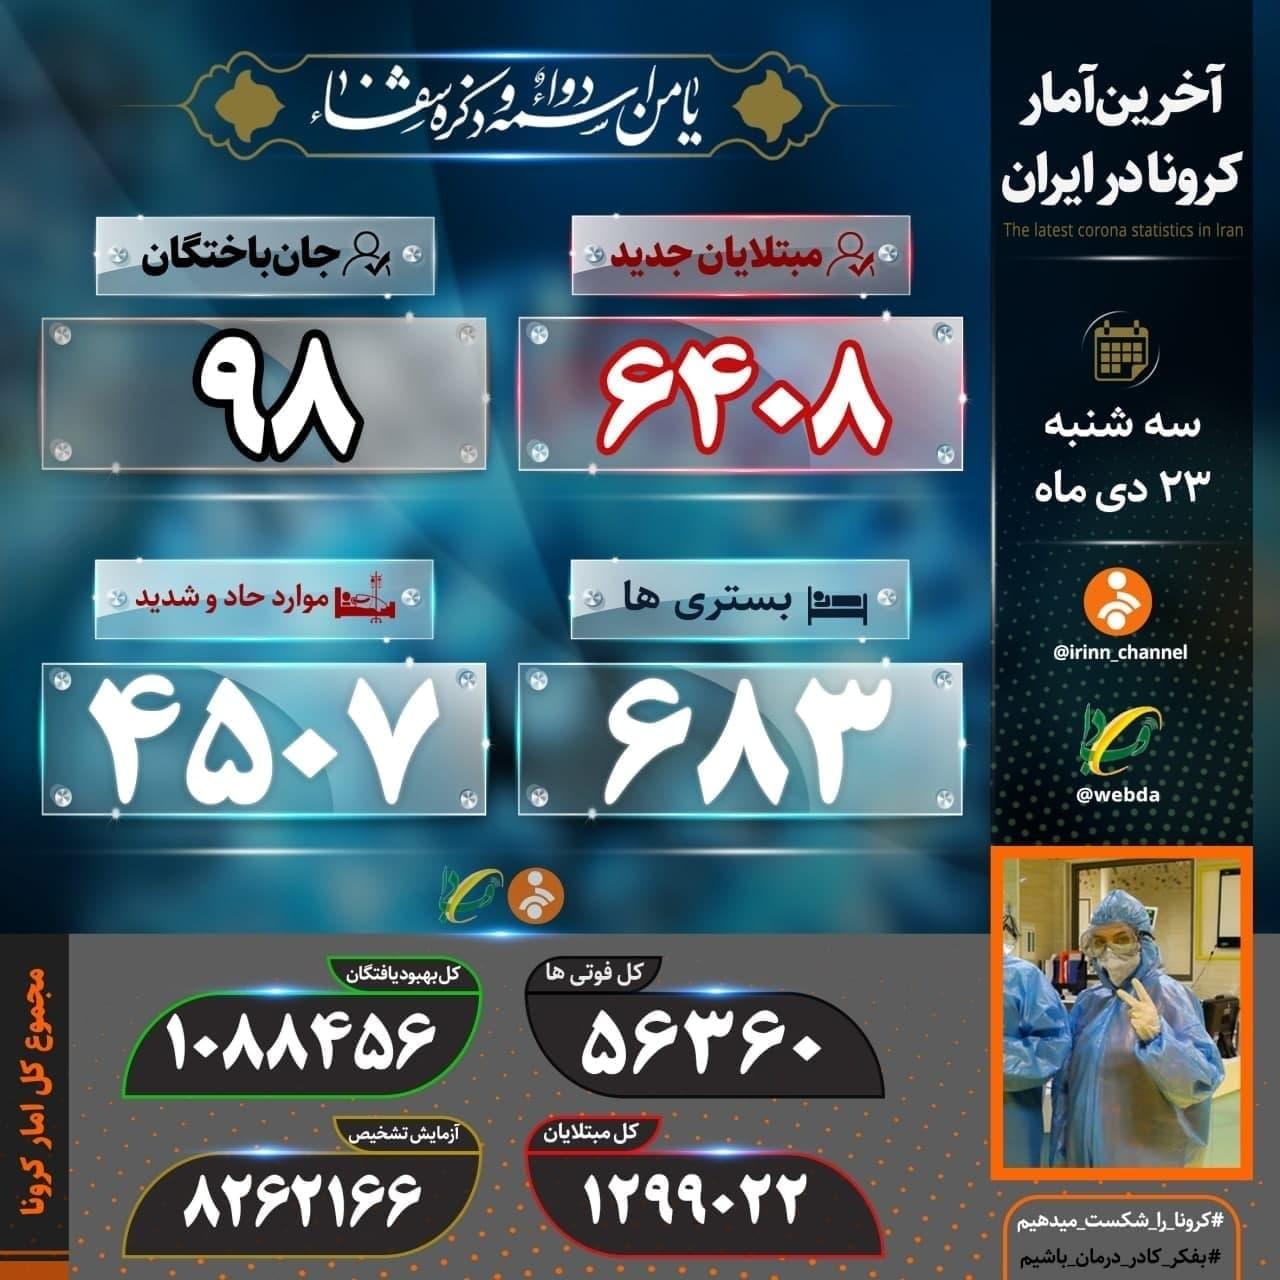 آمار کرونا در ایران امروز 23 دی ماه 99 + جزئیات